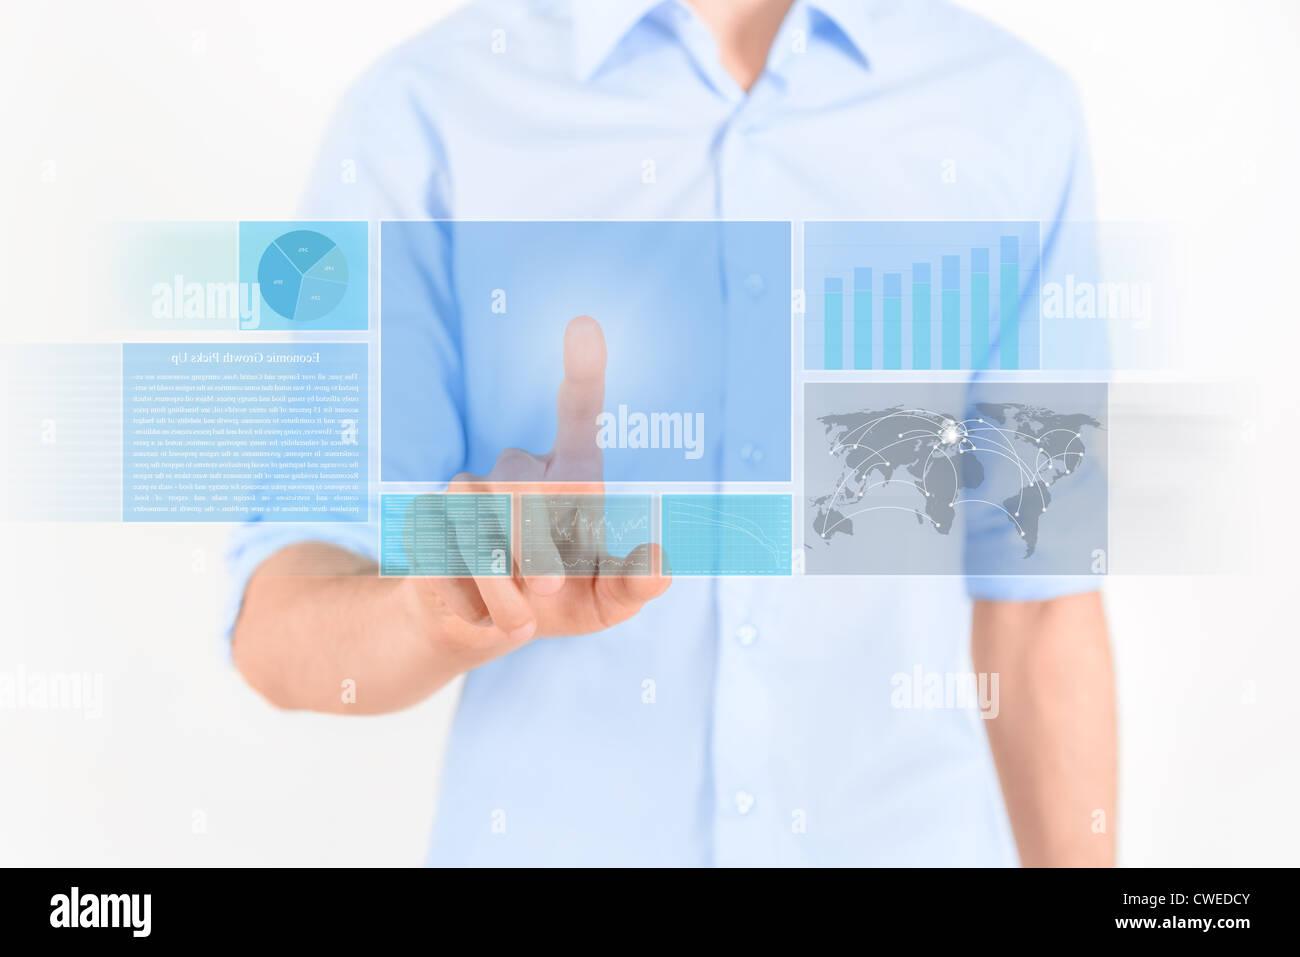 Uomo di toccare futuristico interfaccia touchscreen con alcuni grafici, Grafici e news. Isolato su bianco. Immagini Stock